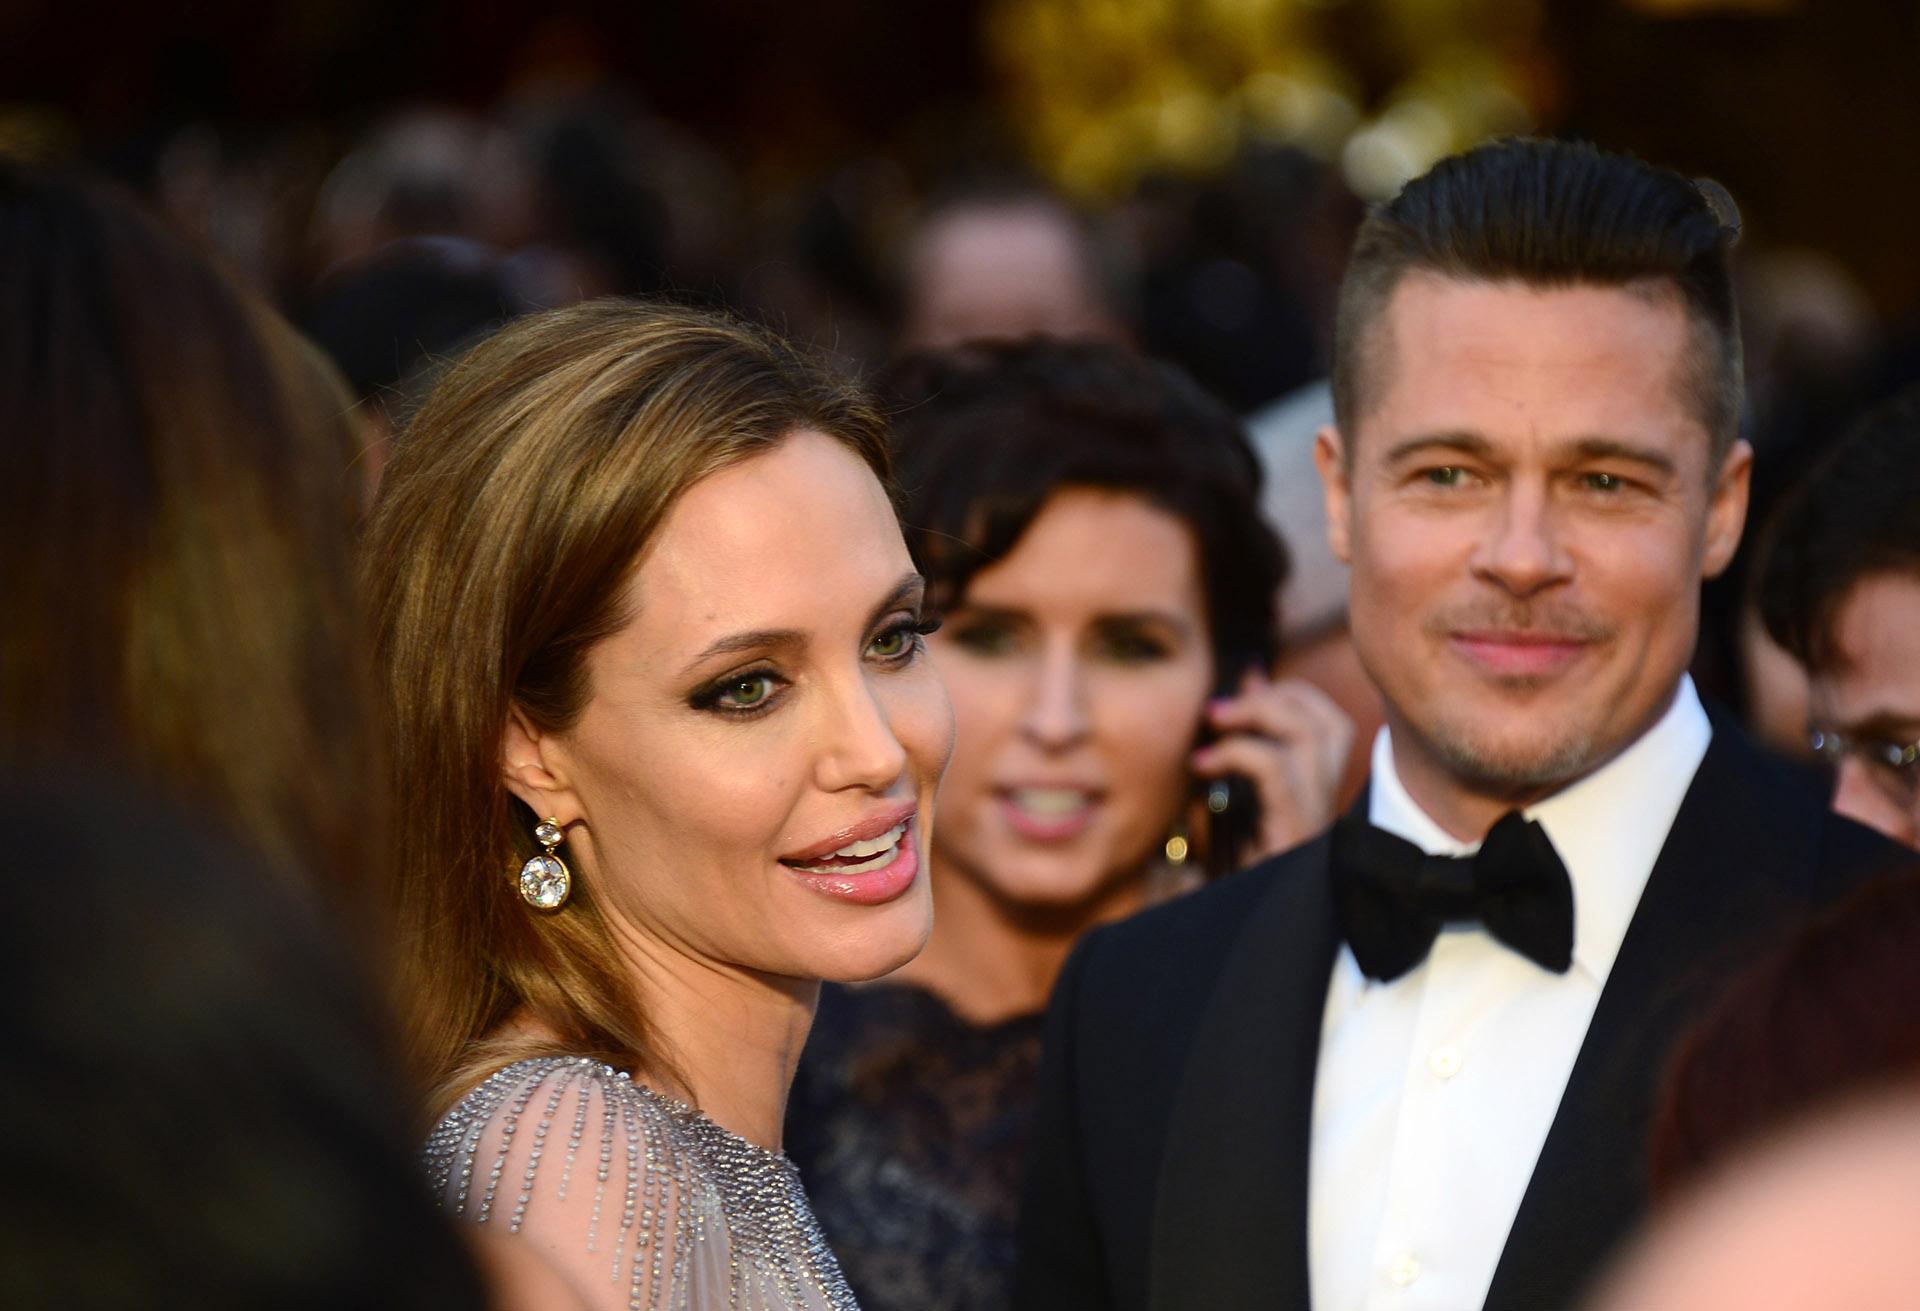 Angelina Jolie gyerektartást követel Brad Pittől, ő meg azt mondja, hogy dehát házat vett nekik